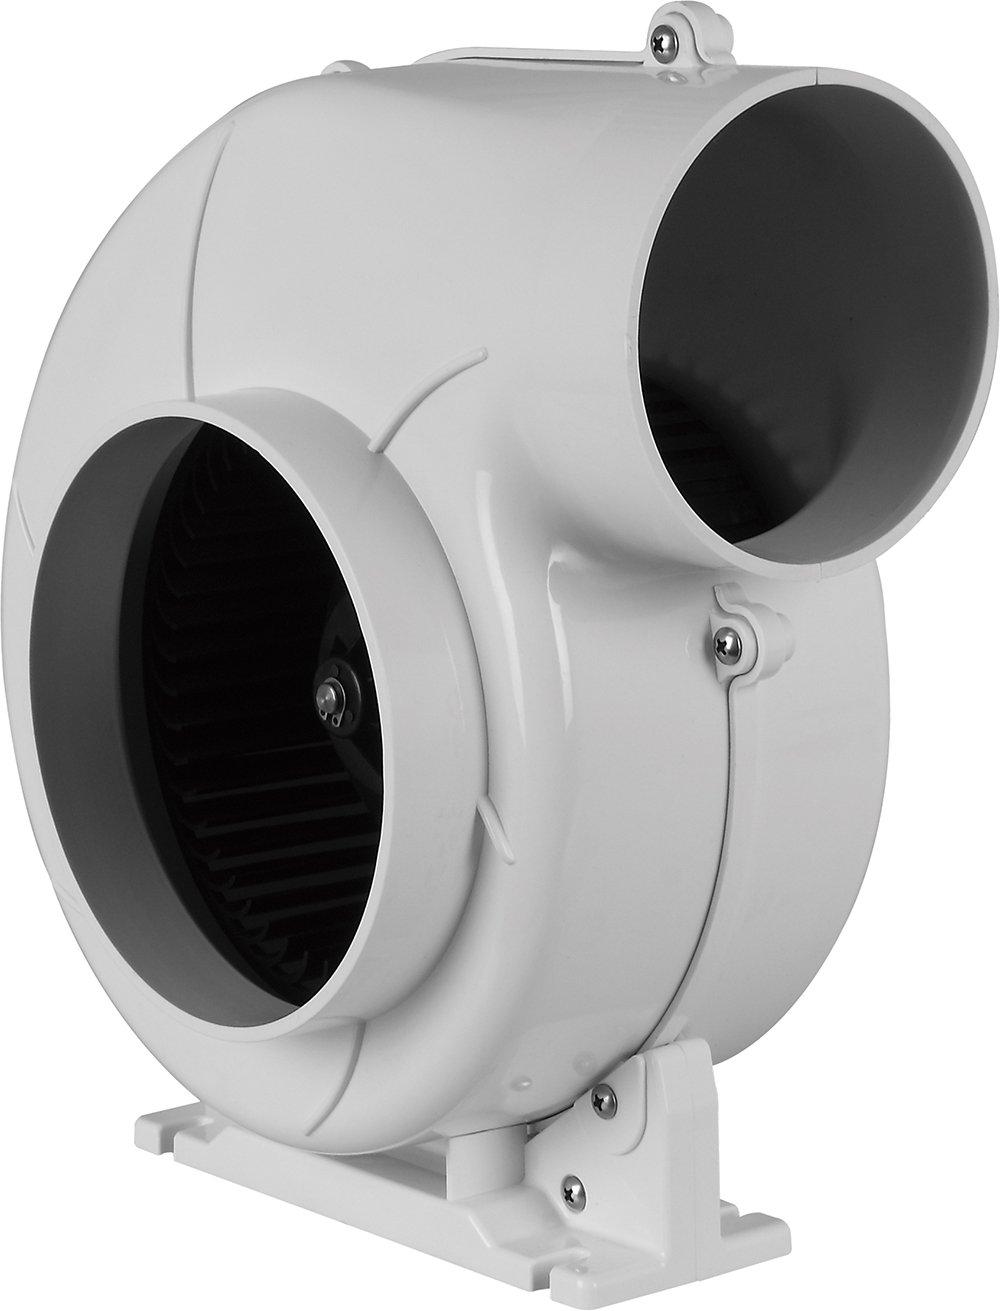 SEAFLO Flex Mount Bilge Air Blower 320CFM Boat Ventilation Marine 12V 4''